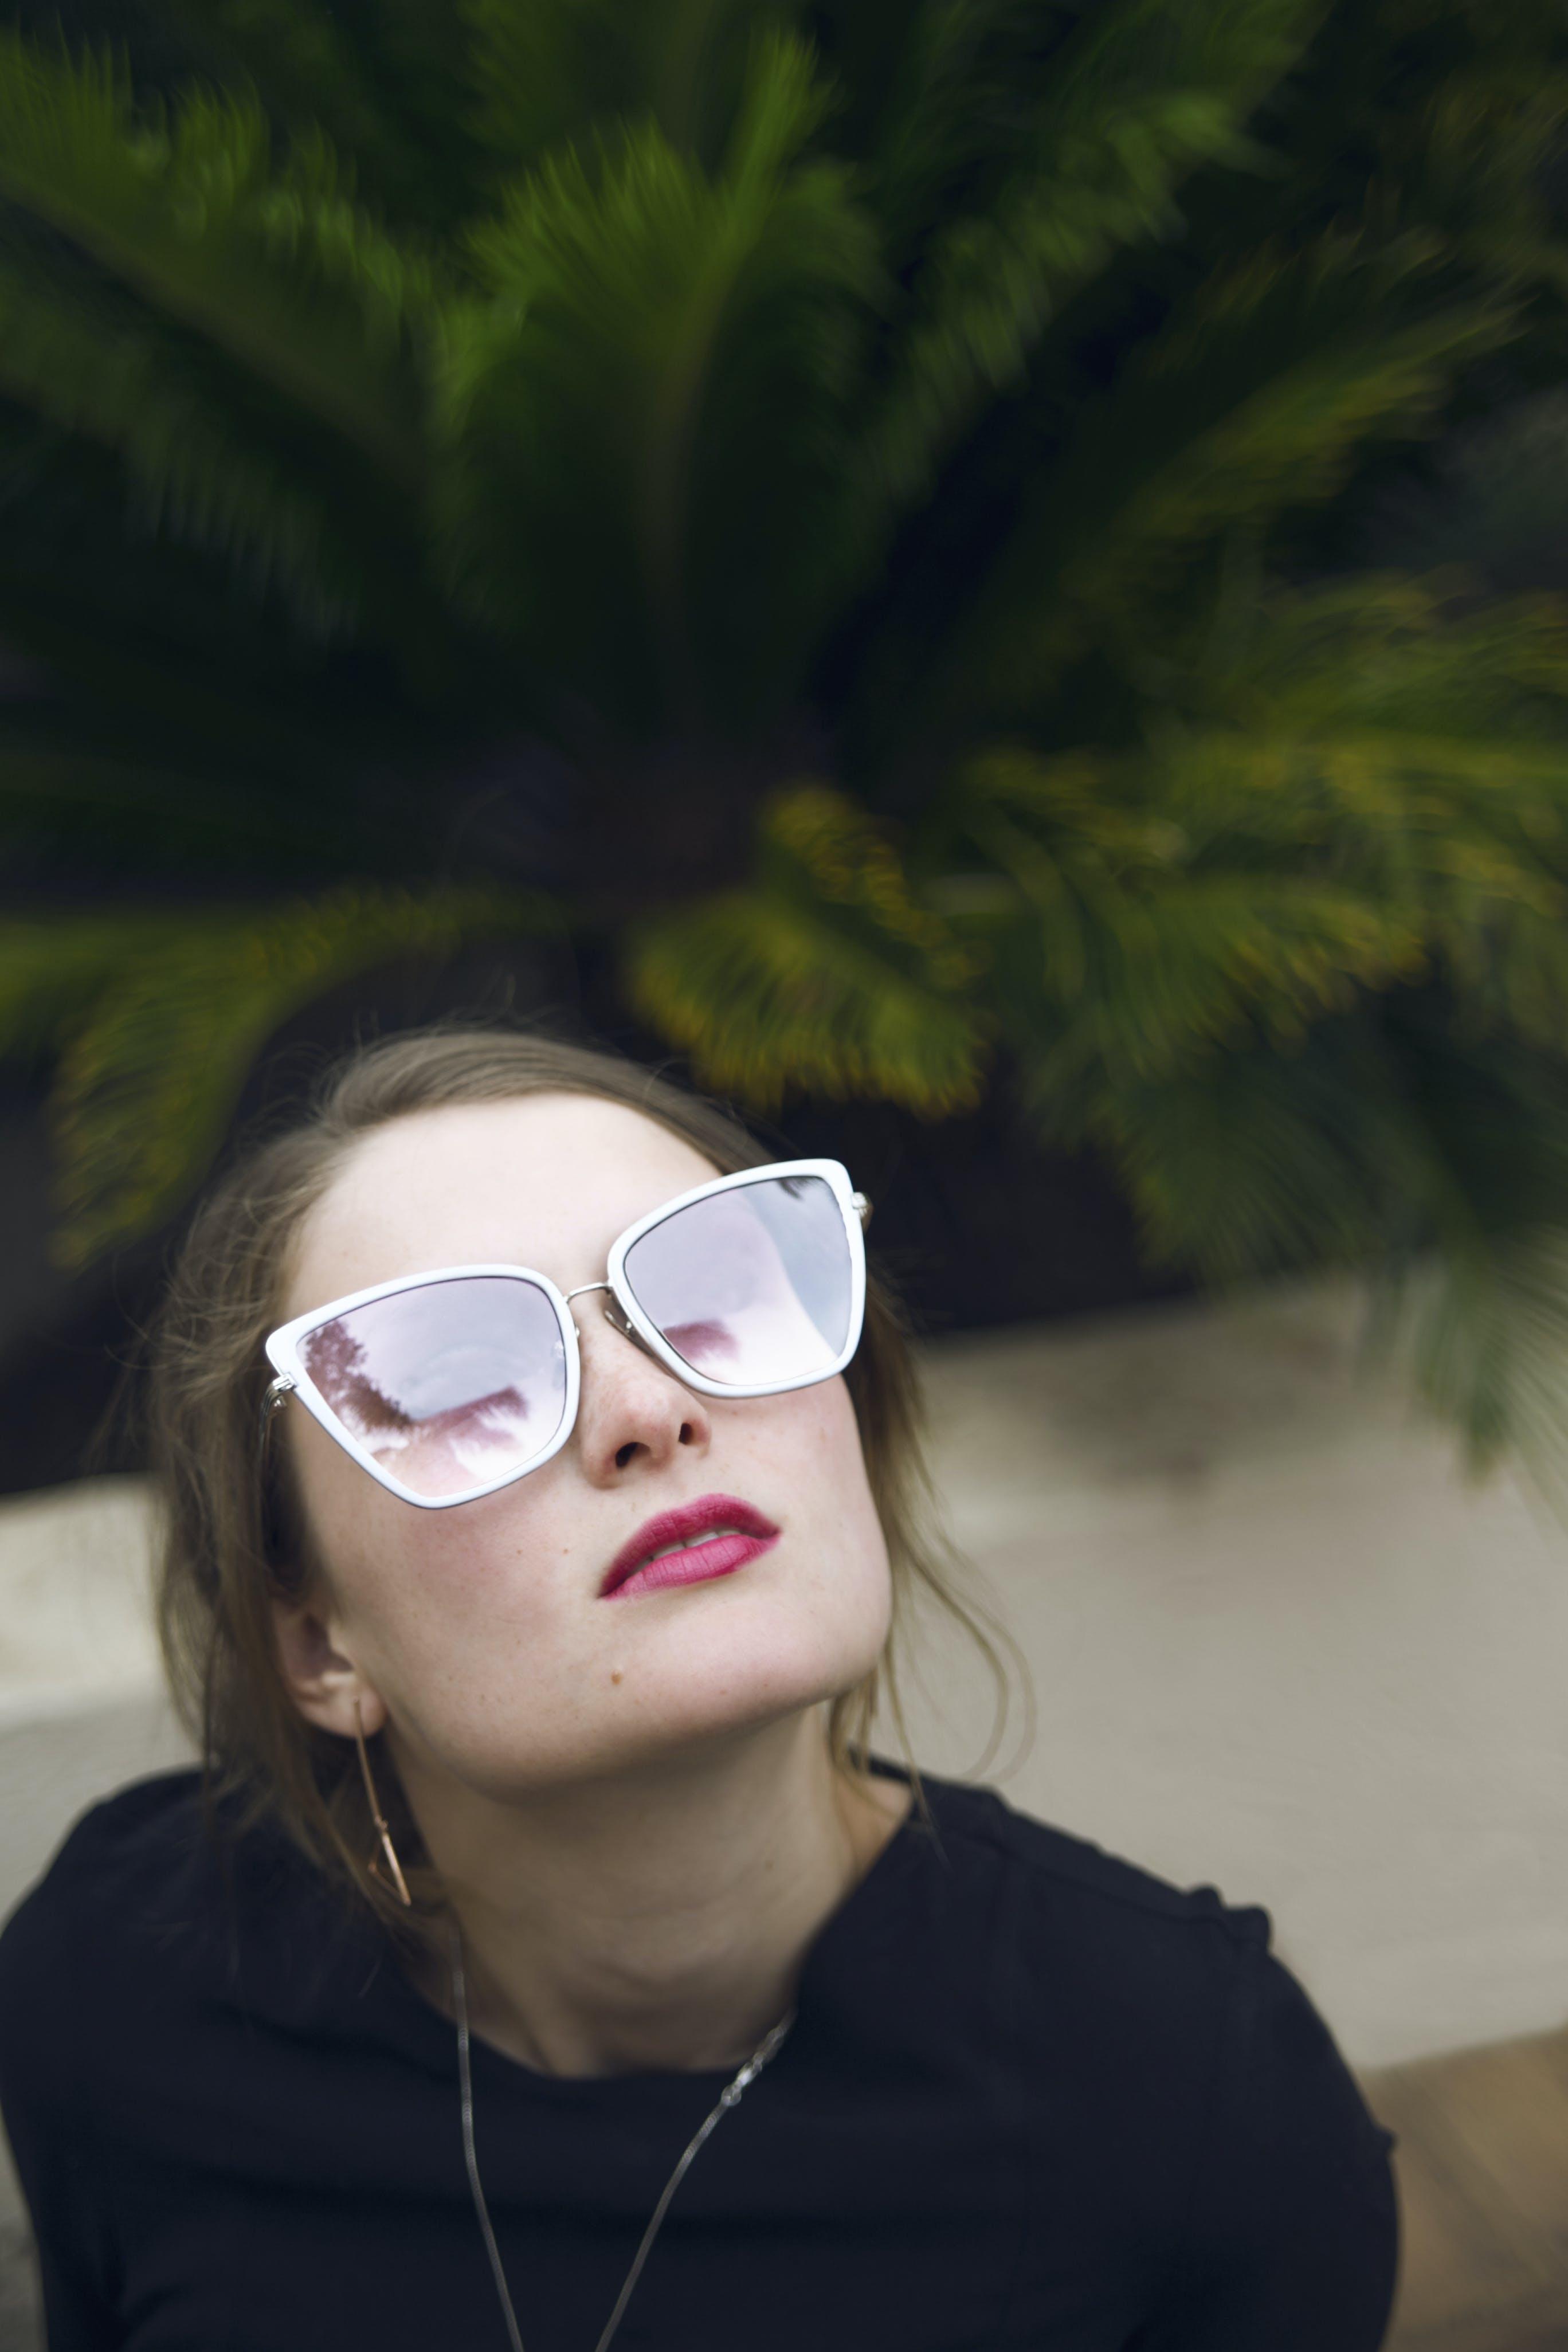 Kostenloses Stock Foto zu entspannung, erwachsener, fashion, fokus